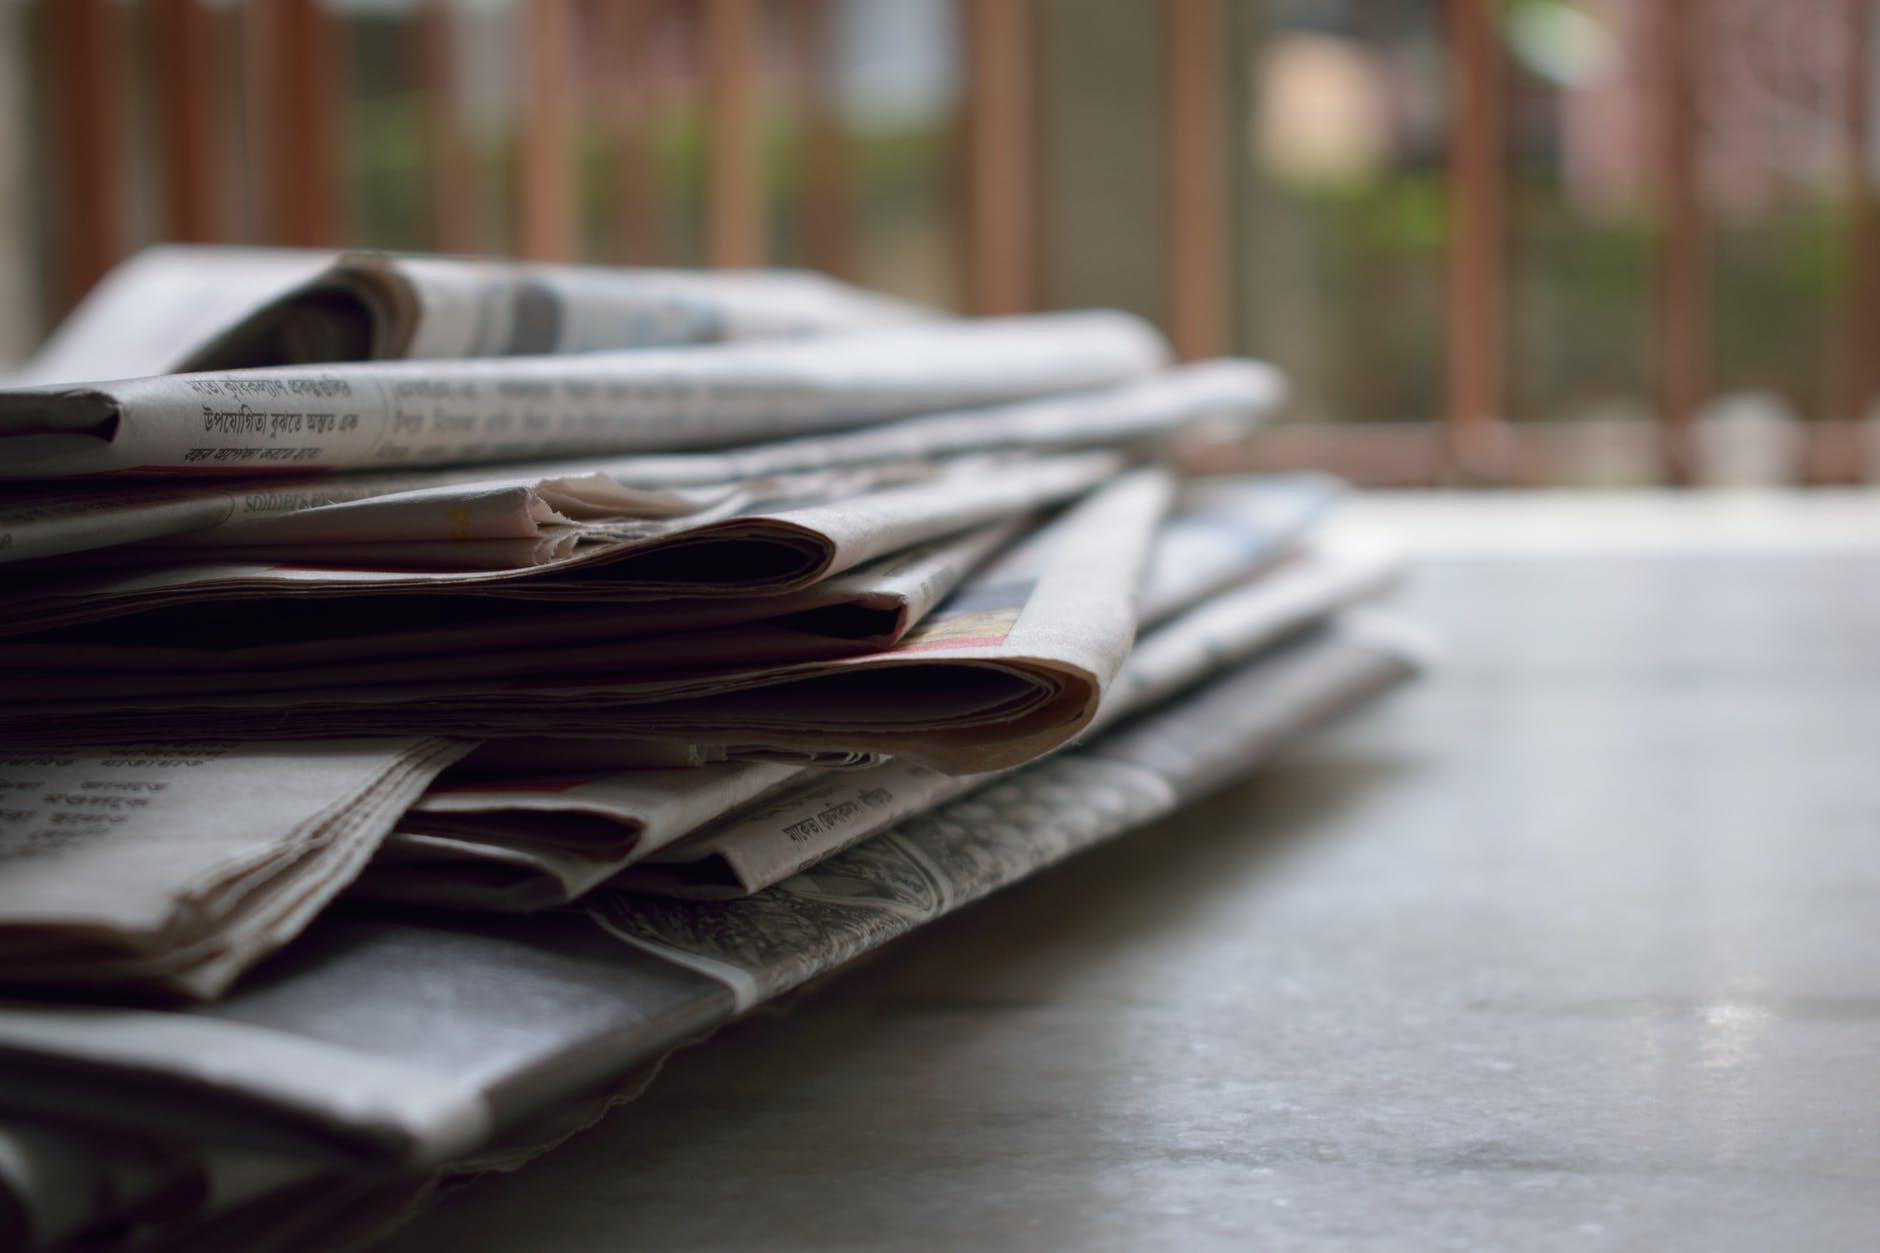 Liderii de opinie, profesorii sau influencerii – vulnerabili, alături de elevi, în faţa fenomenului Fake News